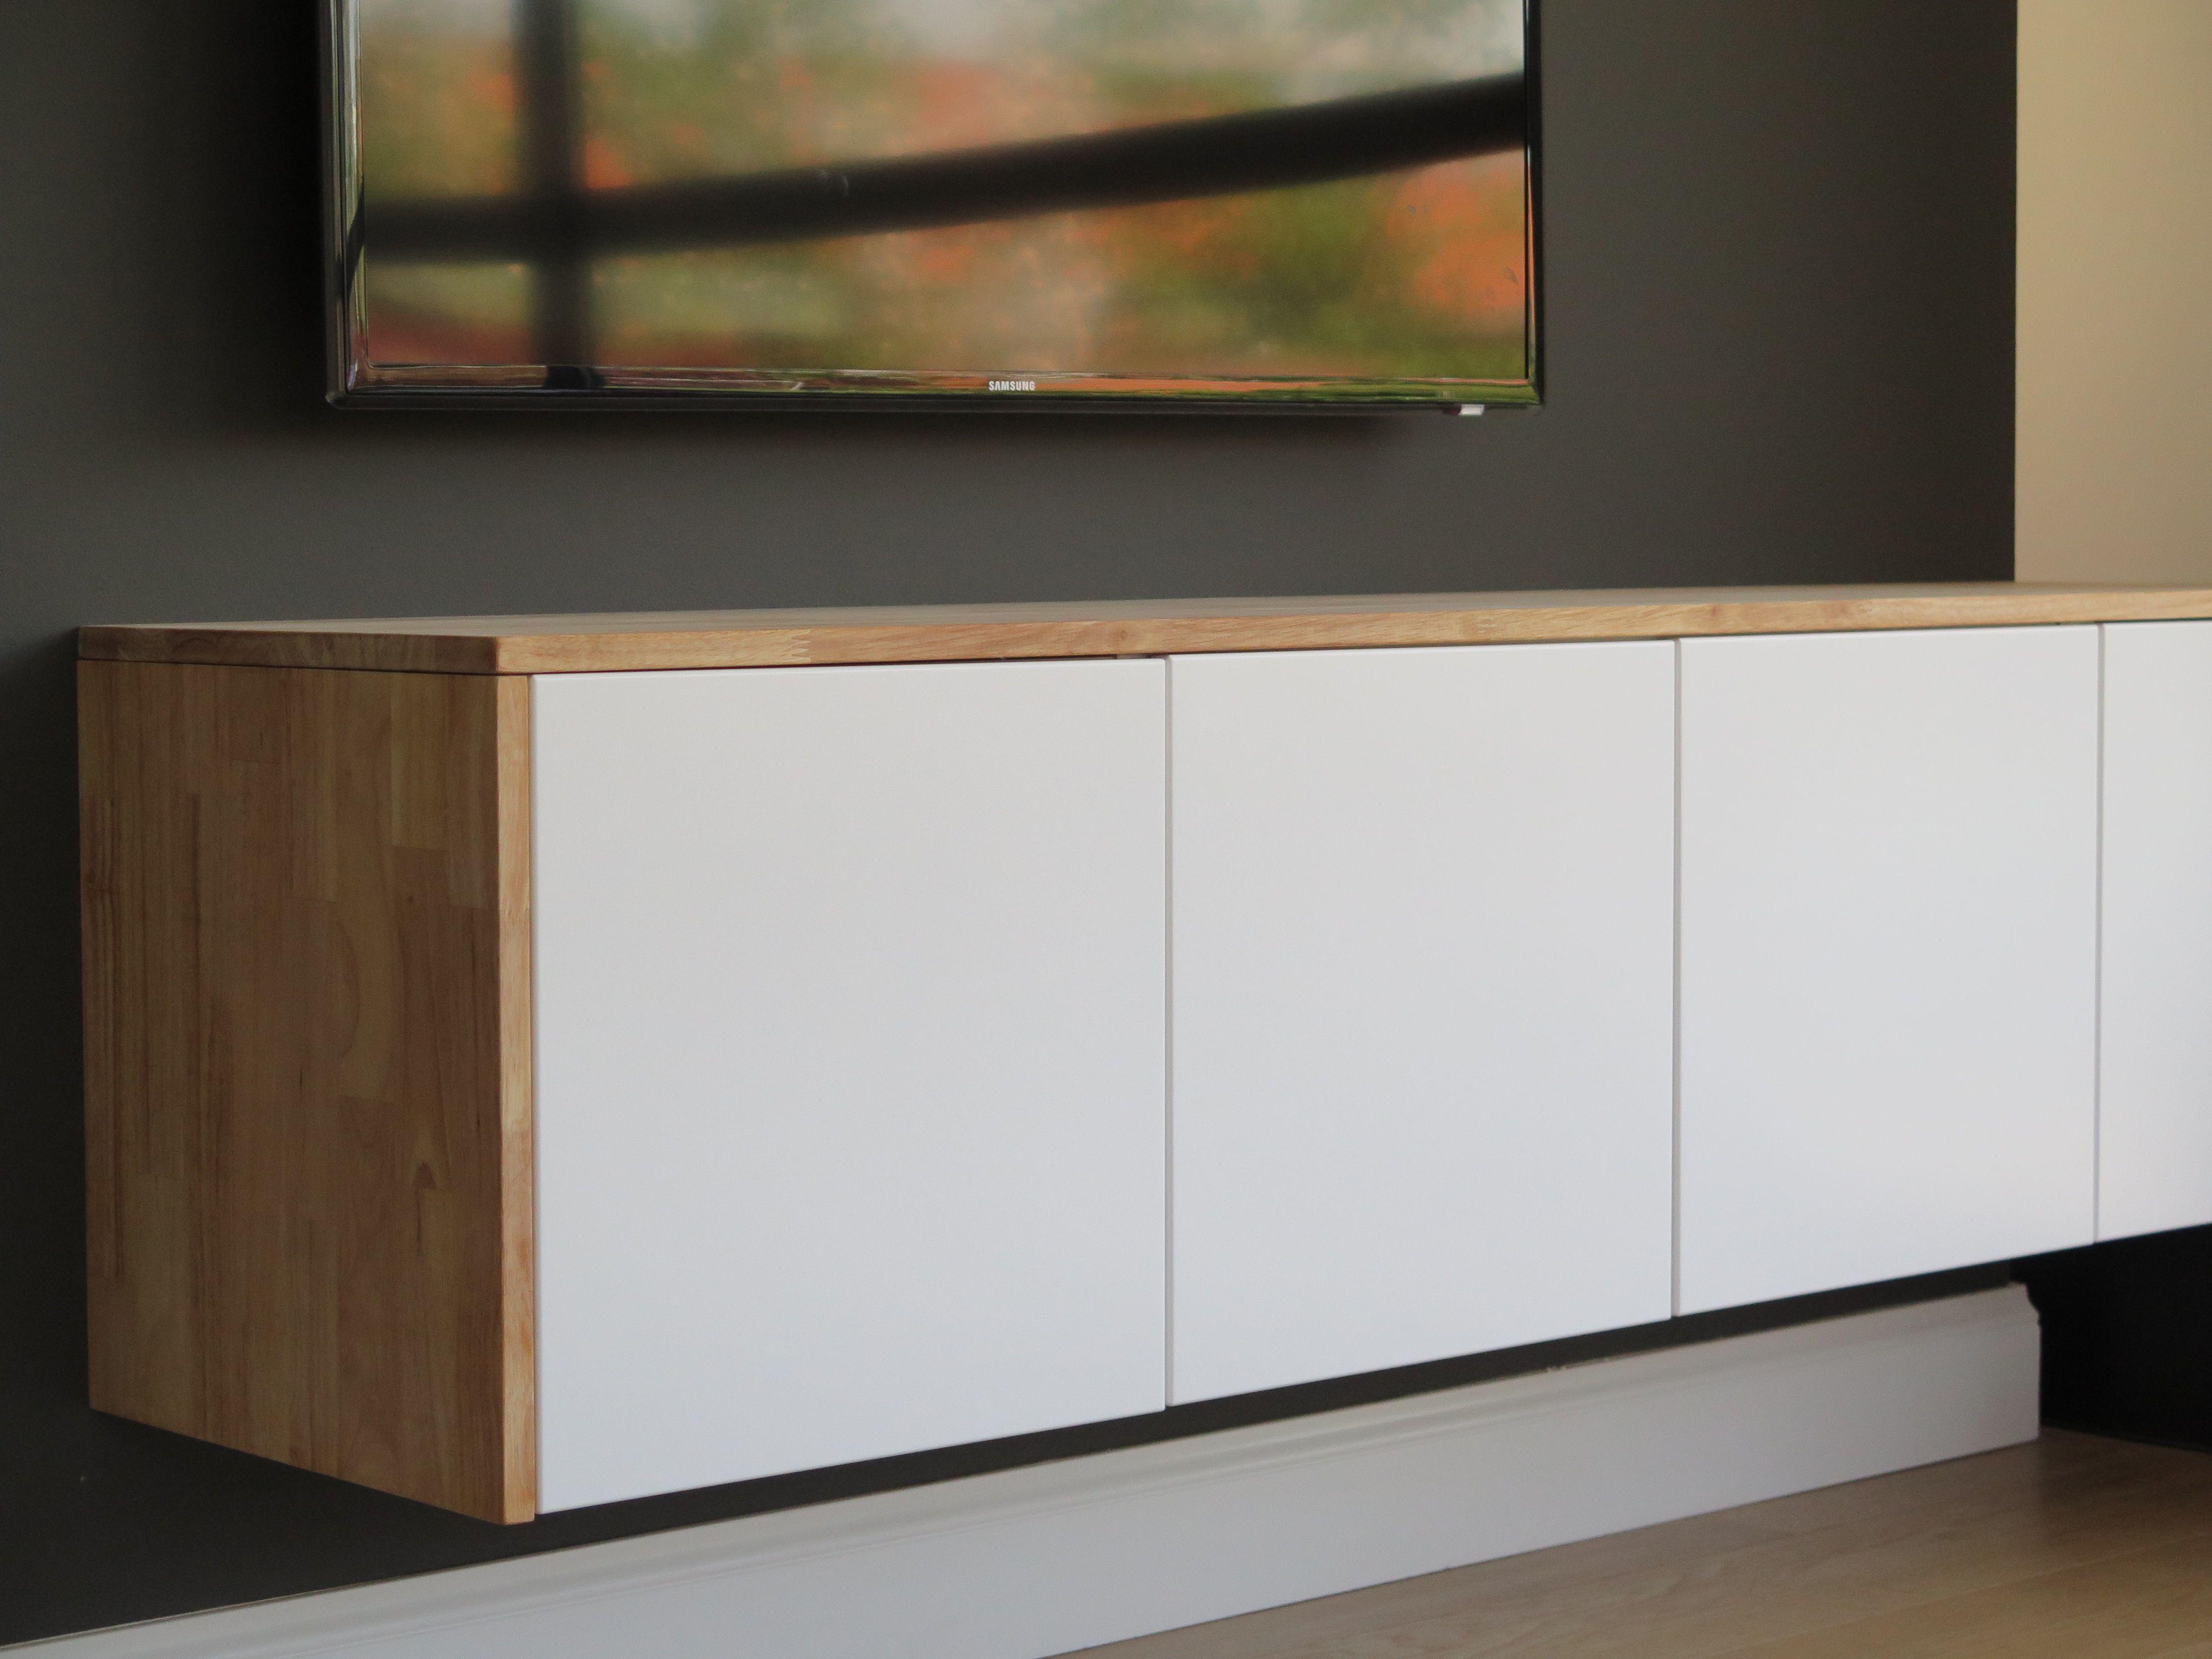 Afbeeldingsresultaat Voor Ikea Metod Tv Kast Hack Haus Wohnzimmer Wohnzimmer Haus Interieurs